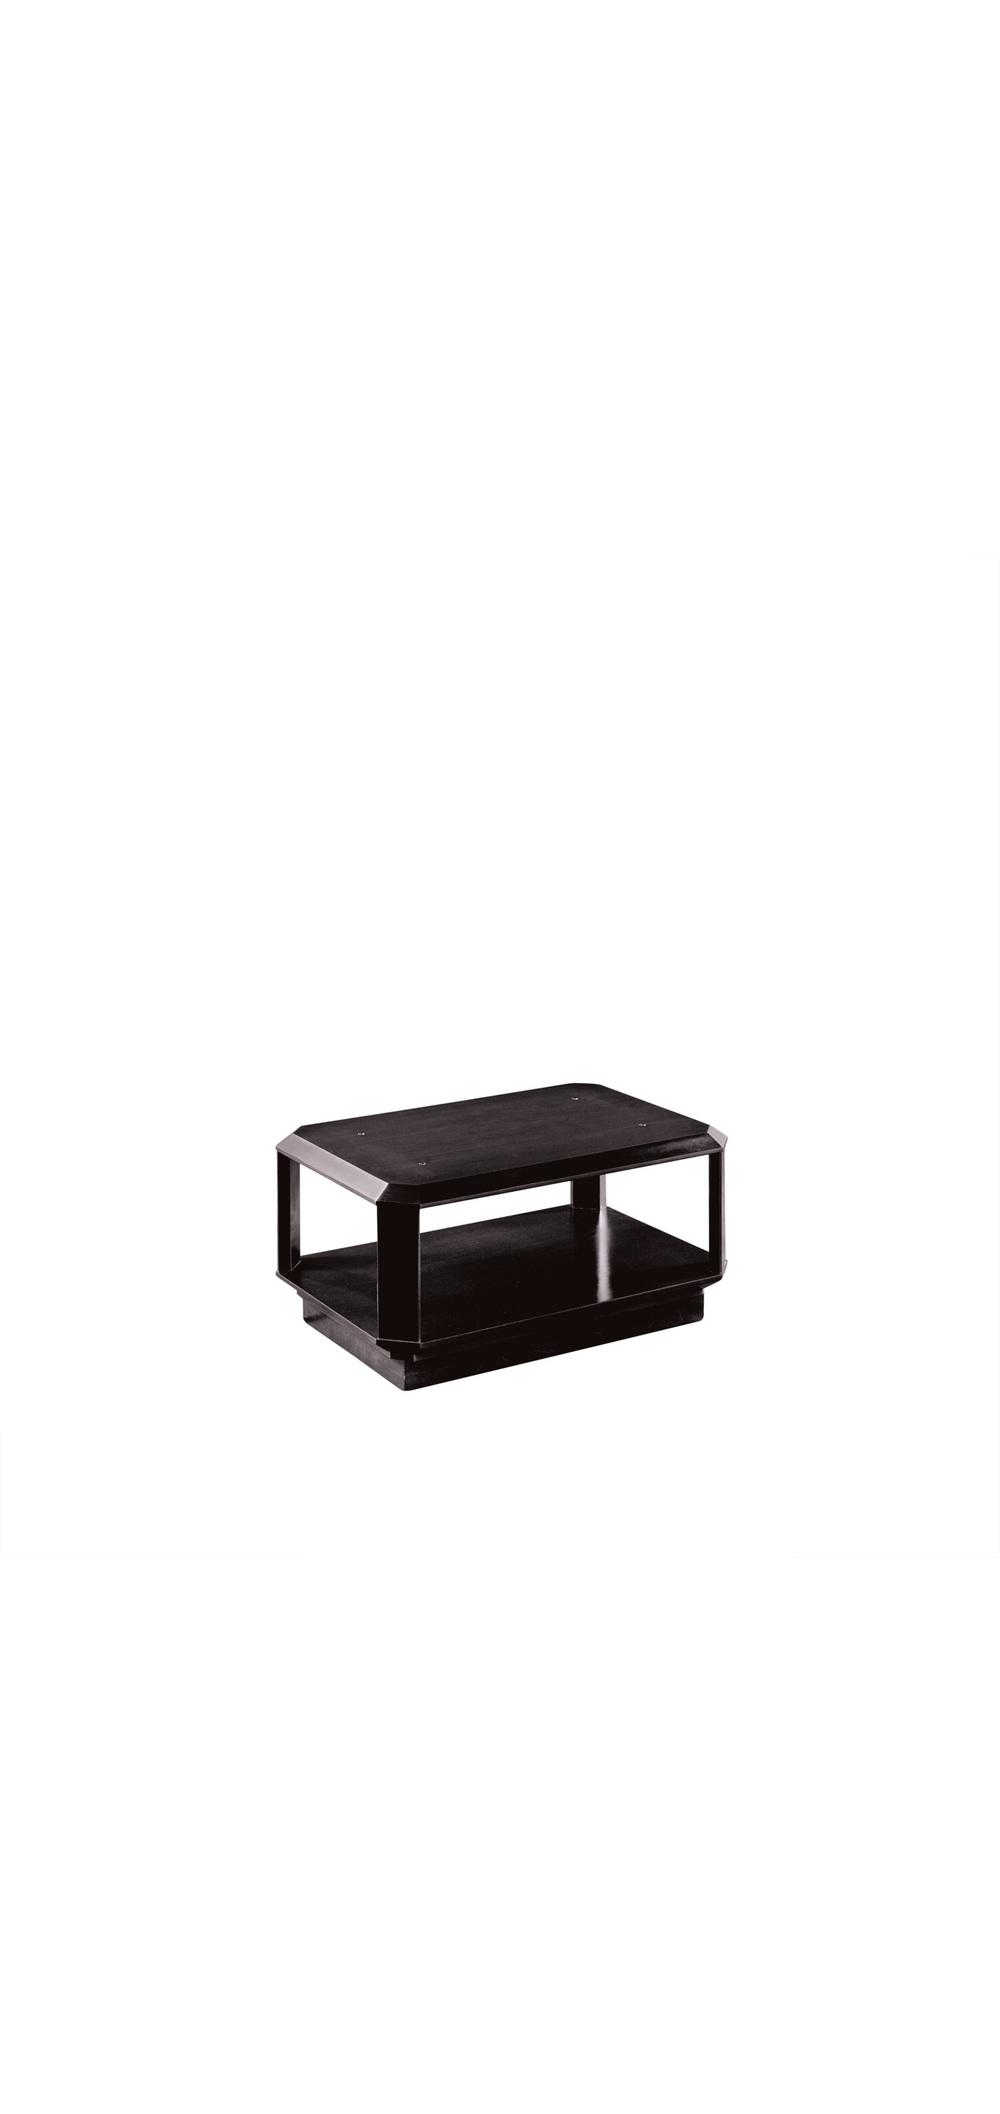 Hickory Chair - Florence Modular